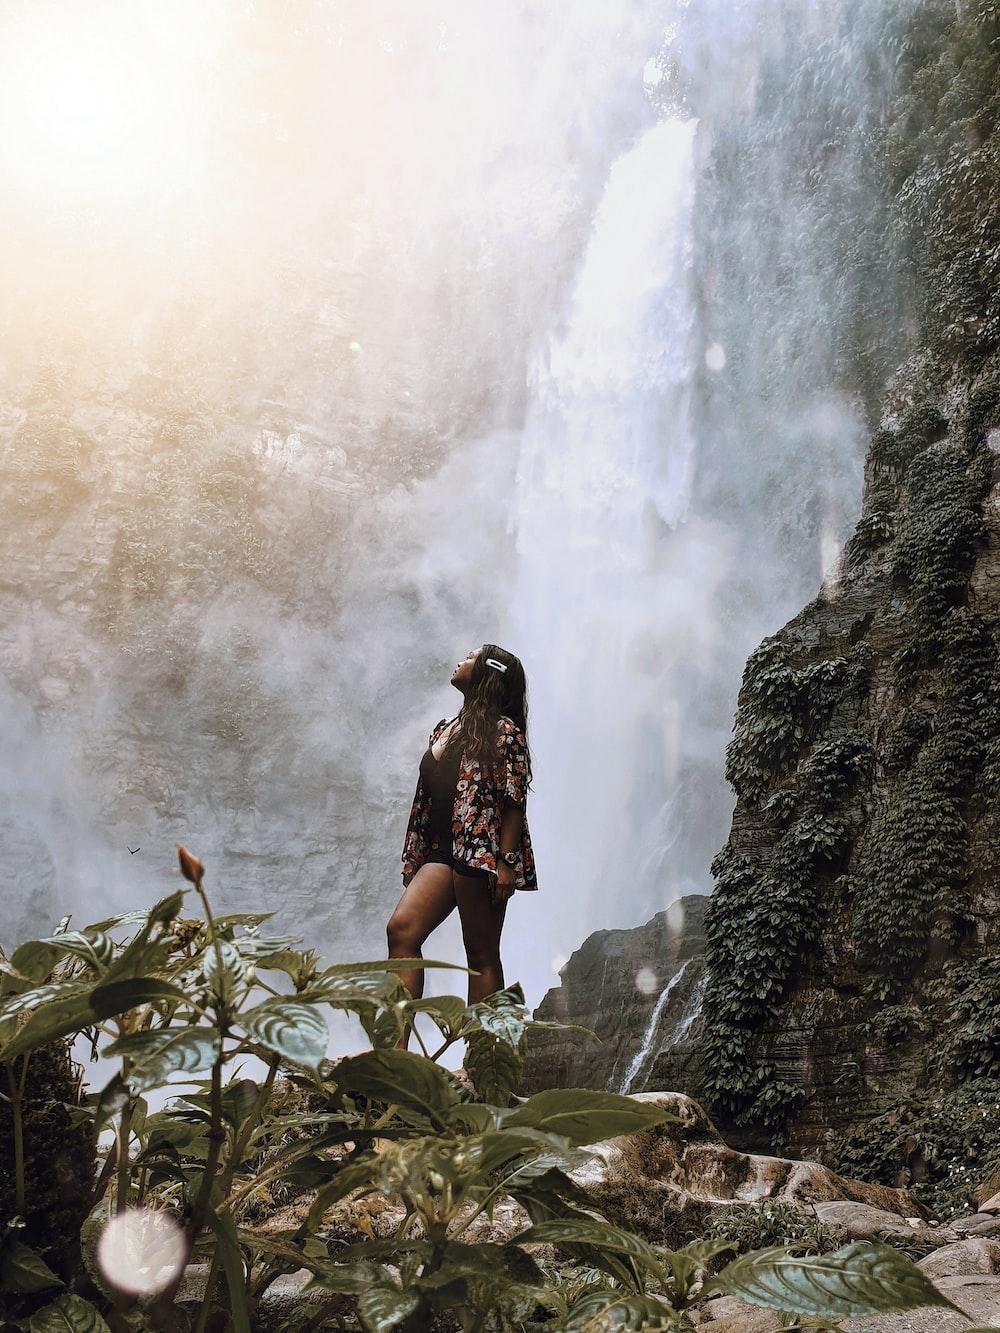 woman looking up at waterfalls